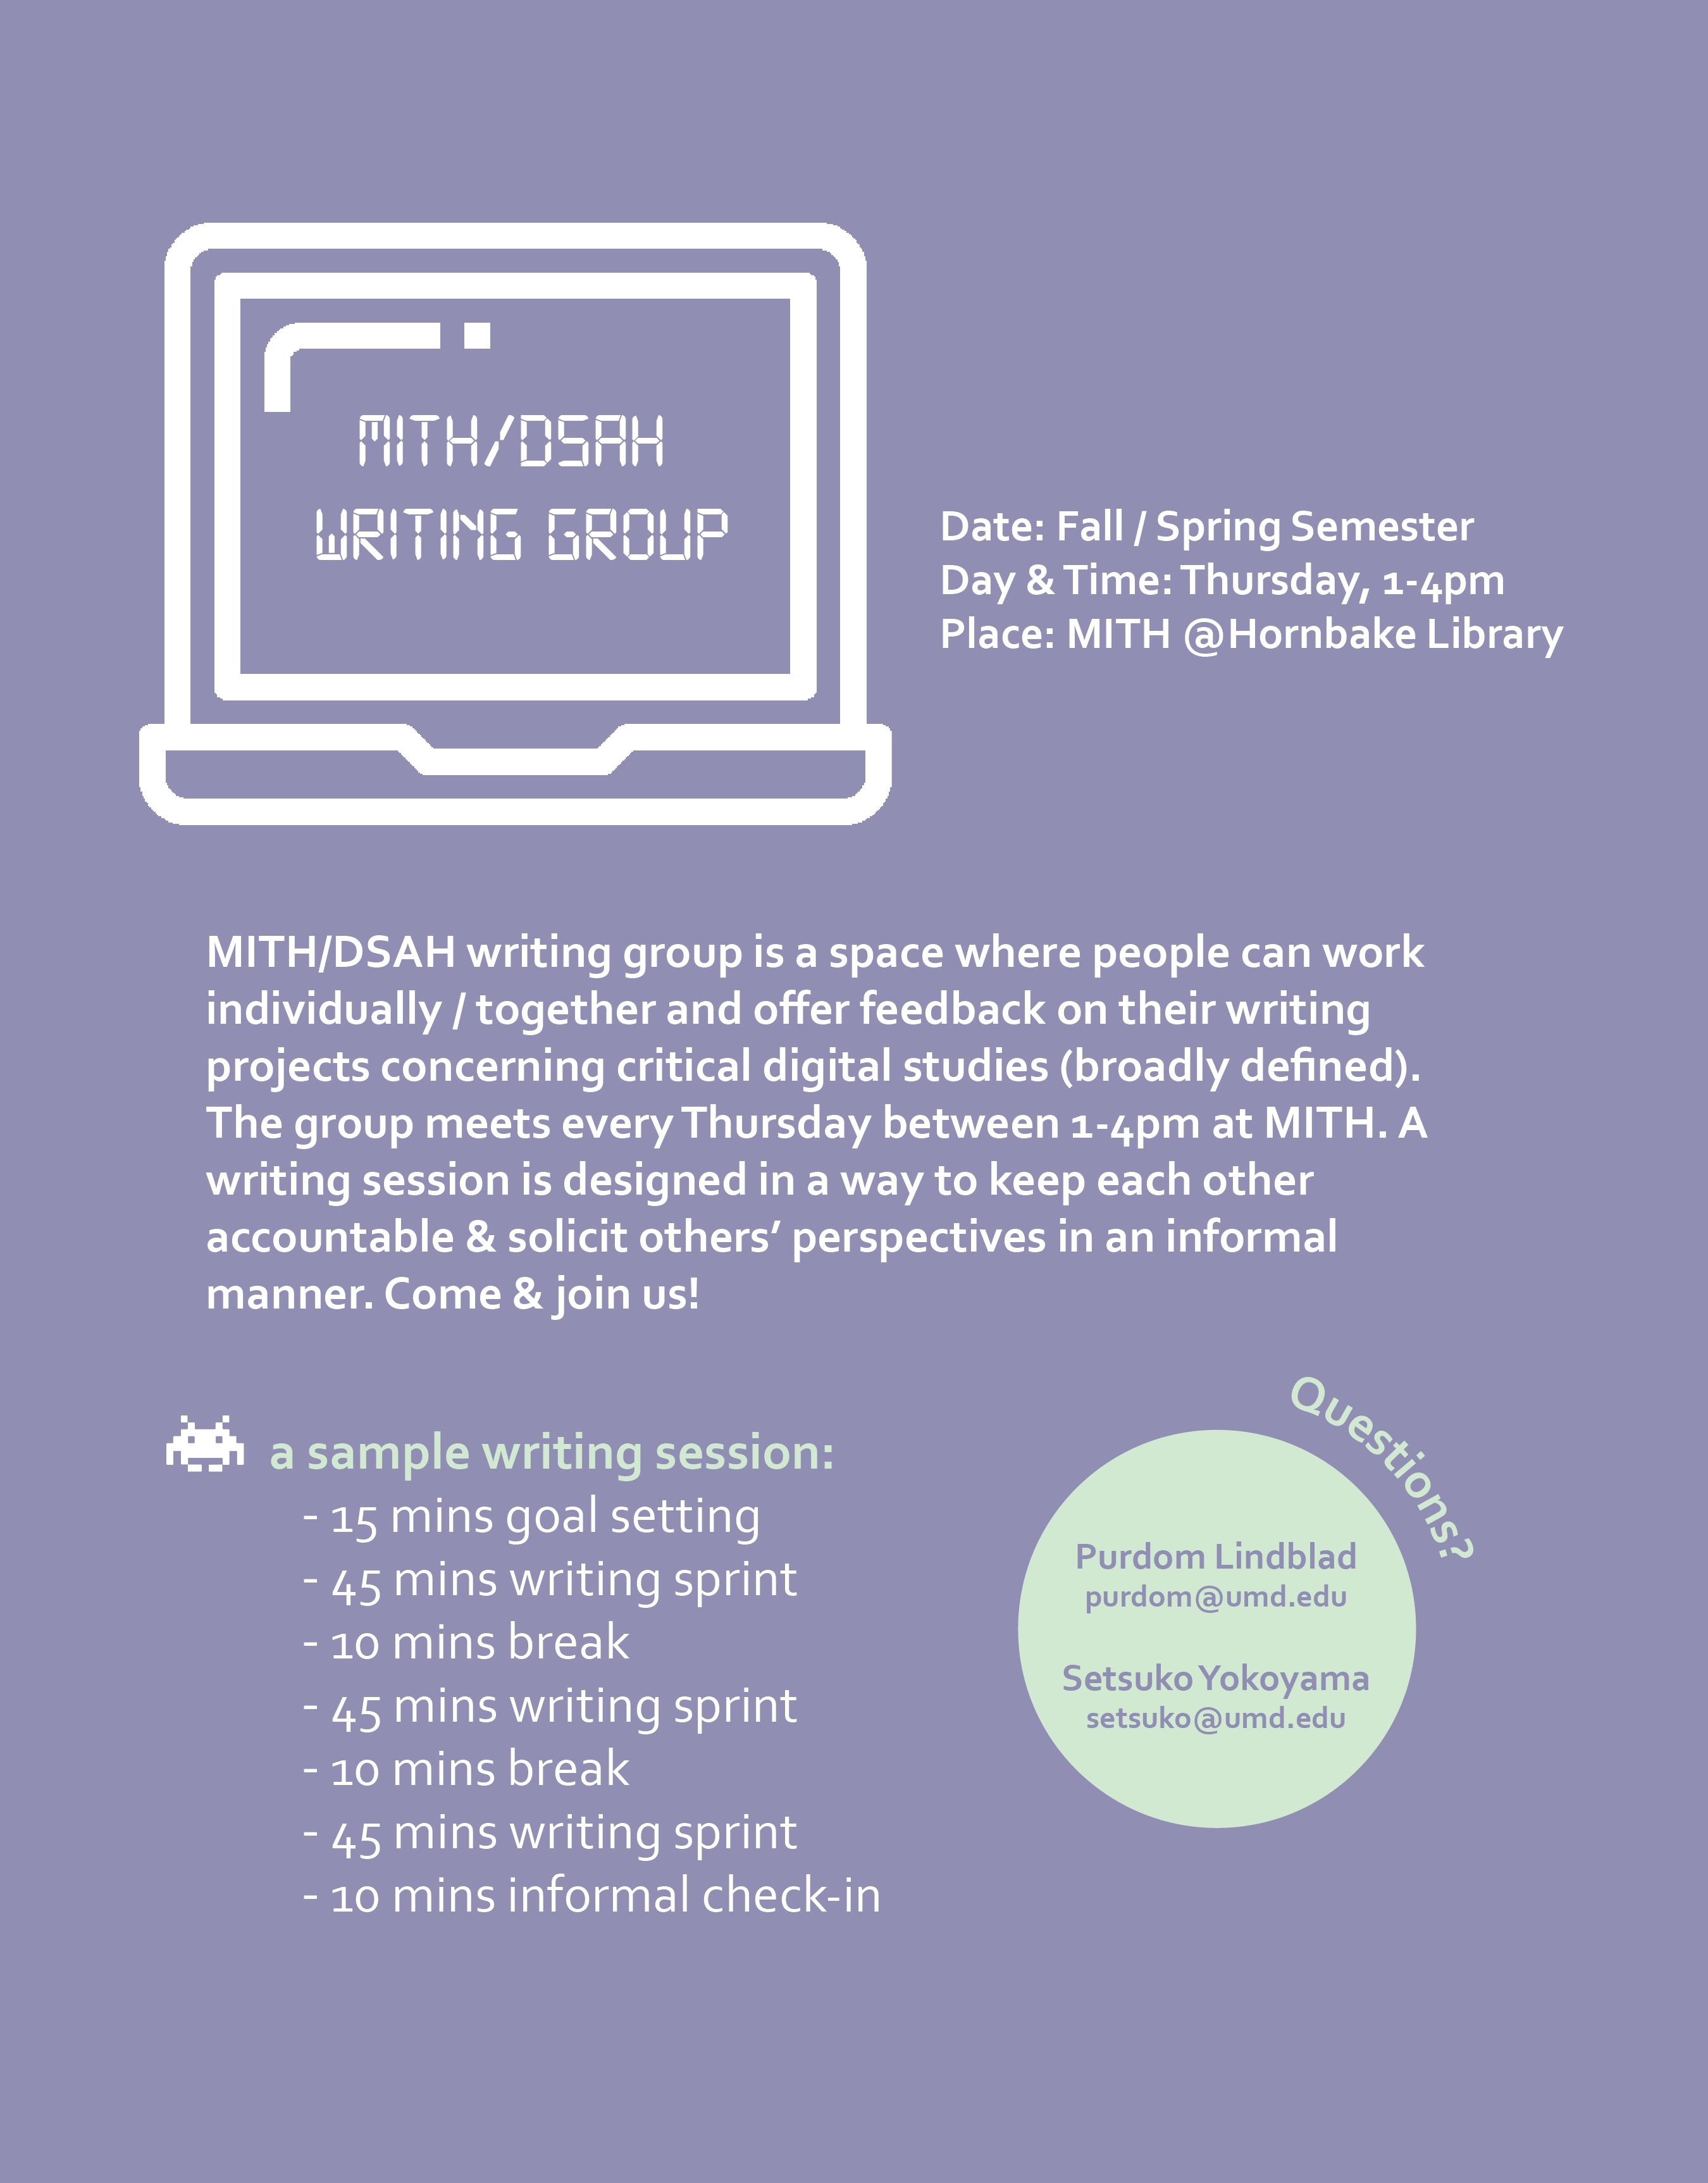 MITH/DSAH Writing Group